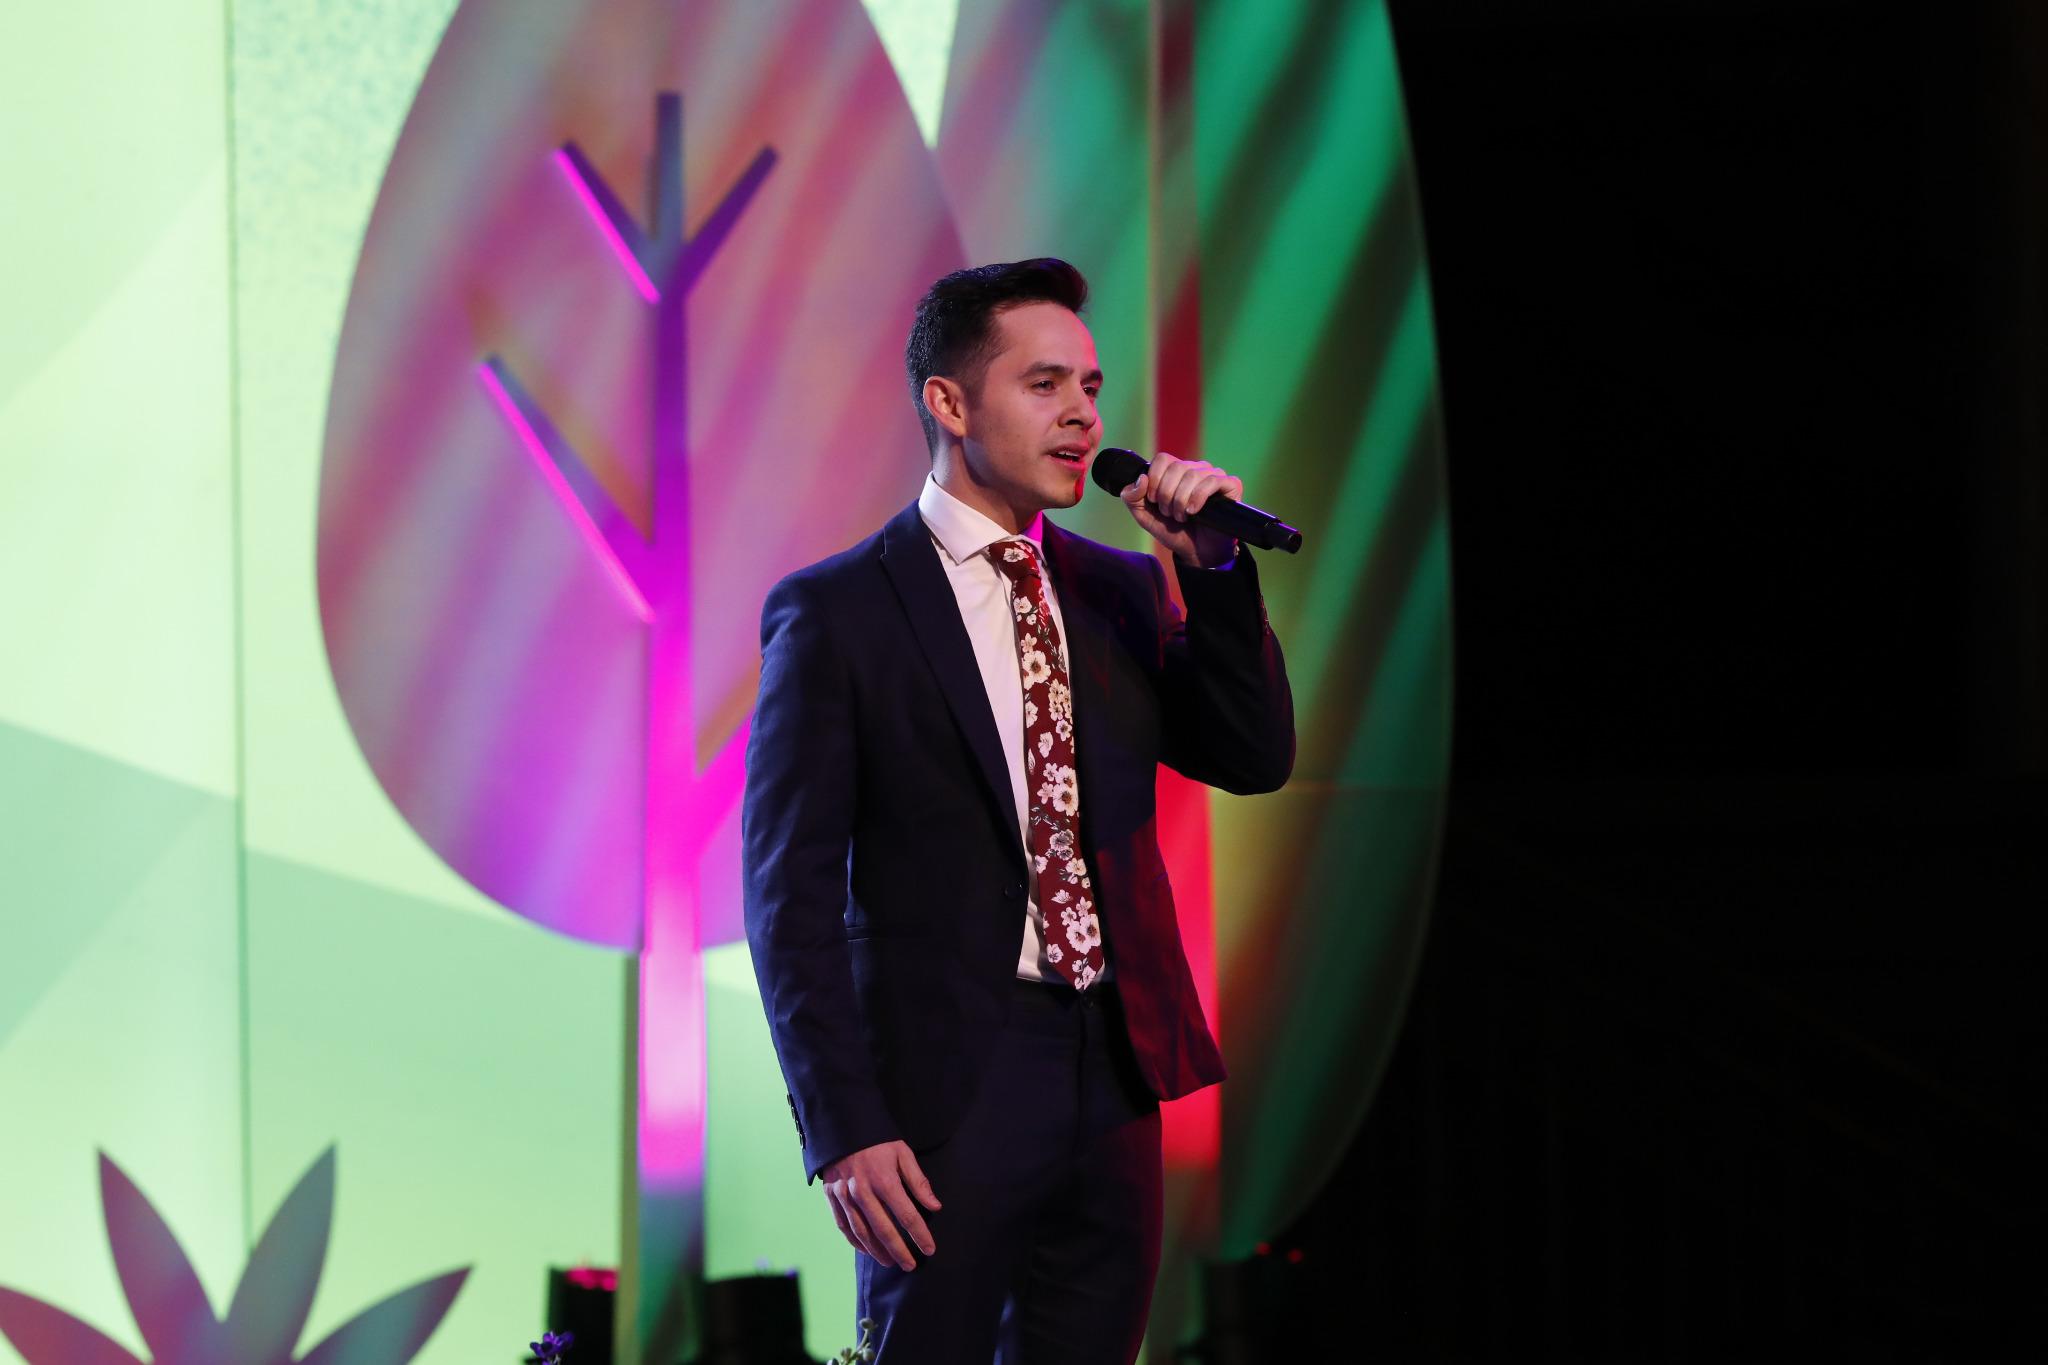 David Archuleta, miembro de La Iglesia de Jesucristo de los Santos de los Últimos Días, interpreta la canción del tema para jóvenes 2020 en el Face to Face para jóvenes y niños que se celebra el 17 de noviembre de 2019.